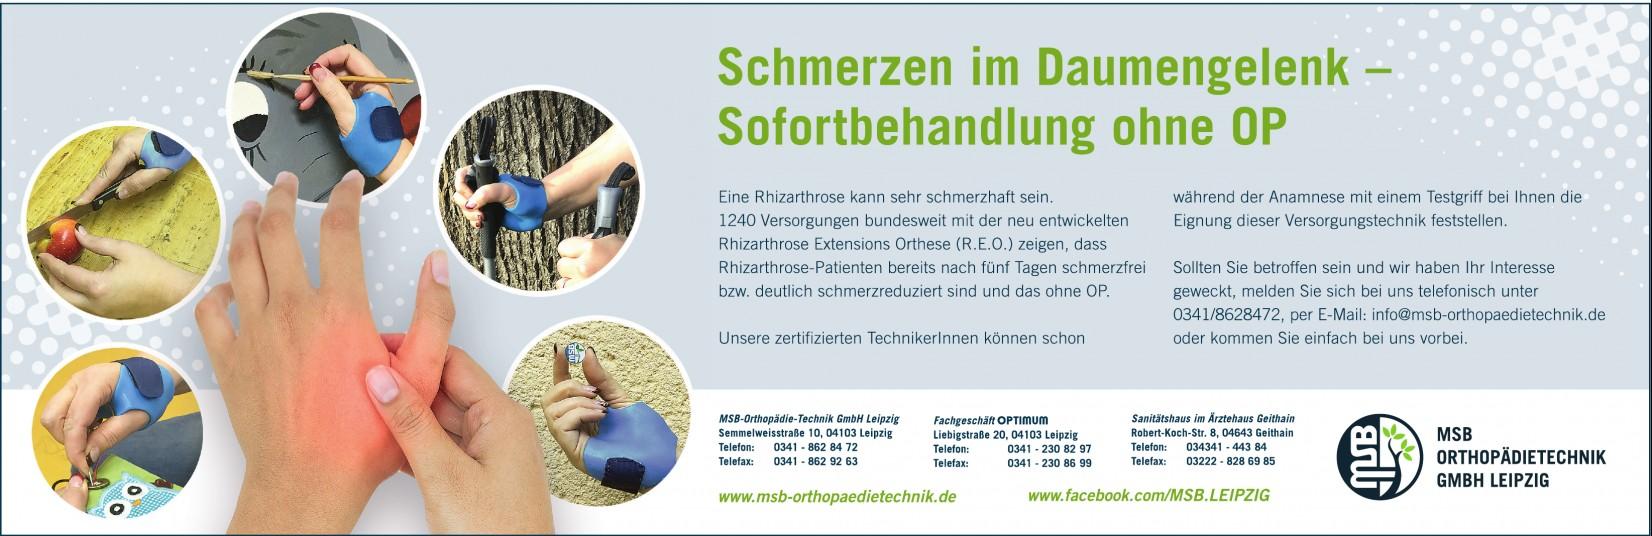 MSB-Orthopädie-Technik